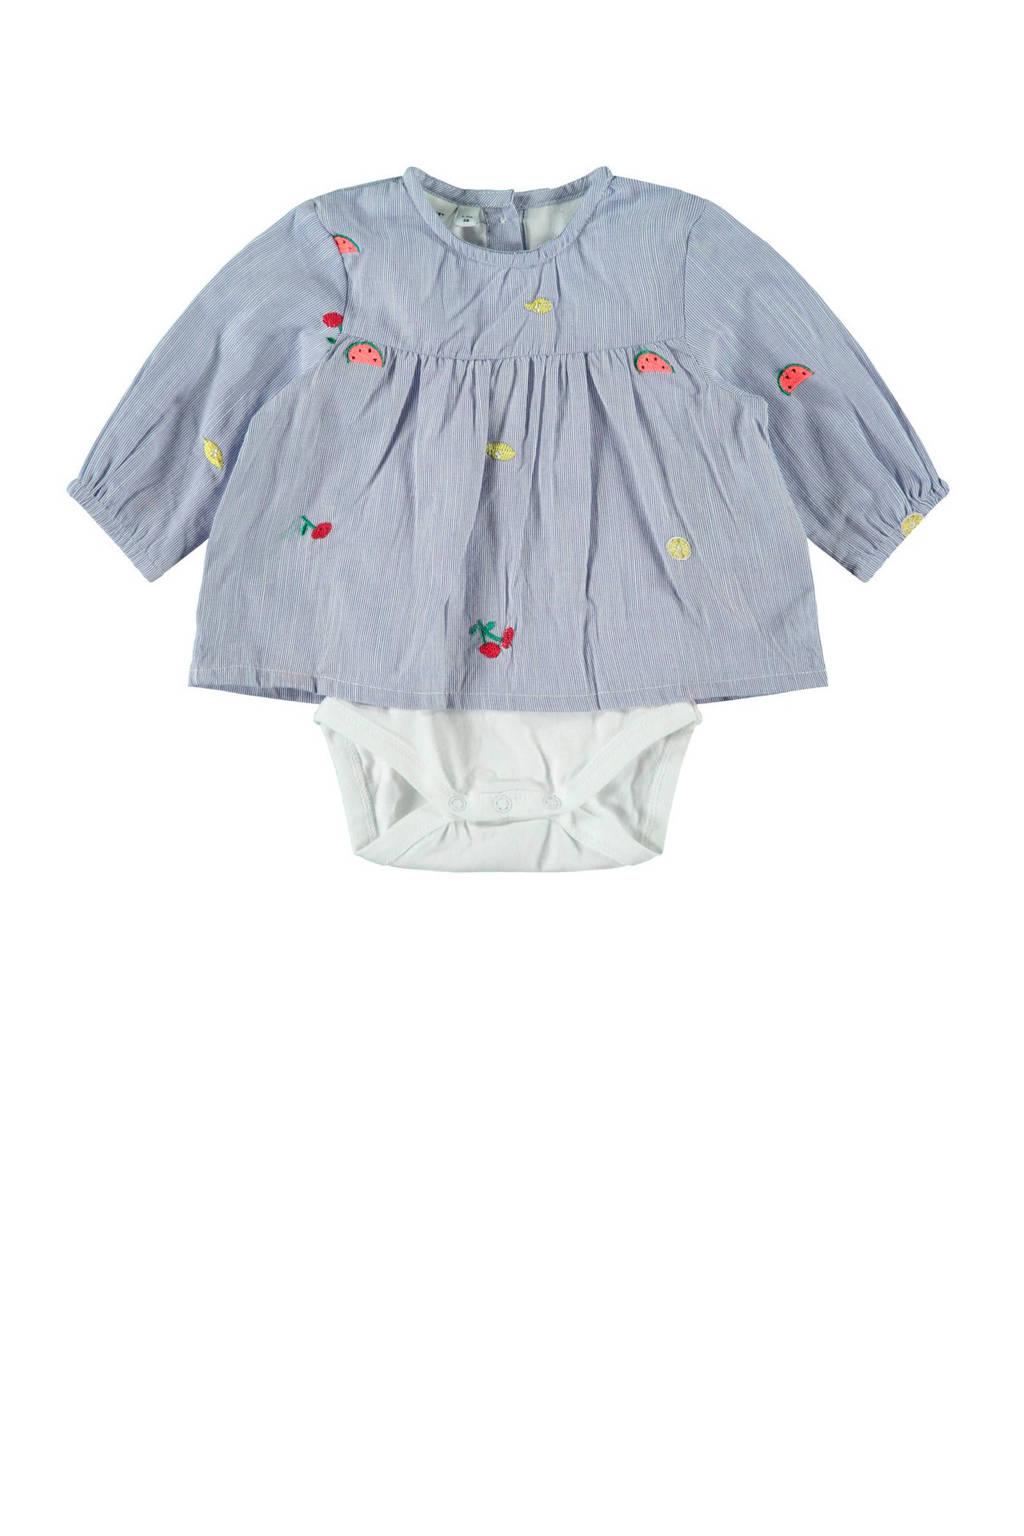 NAME IT BABY romper met blouse lichtblauw/wit, Lichtblauw/wit